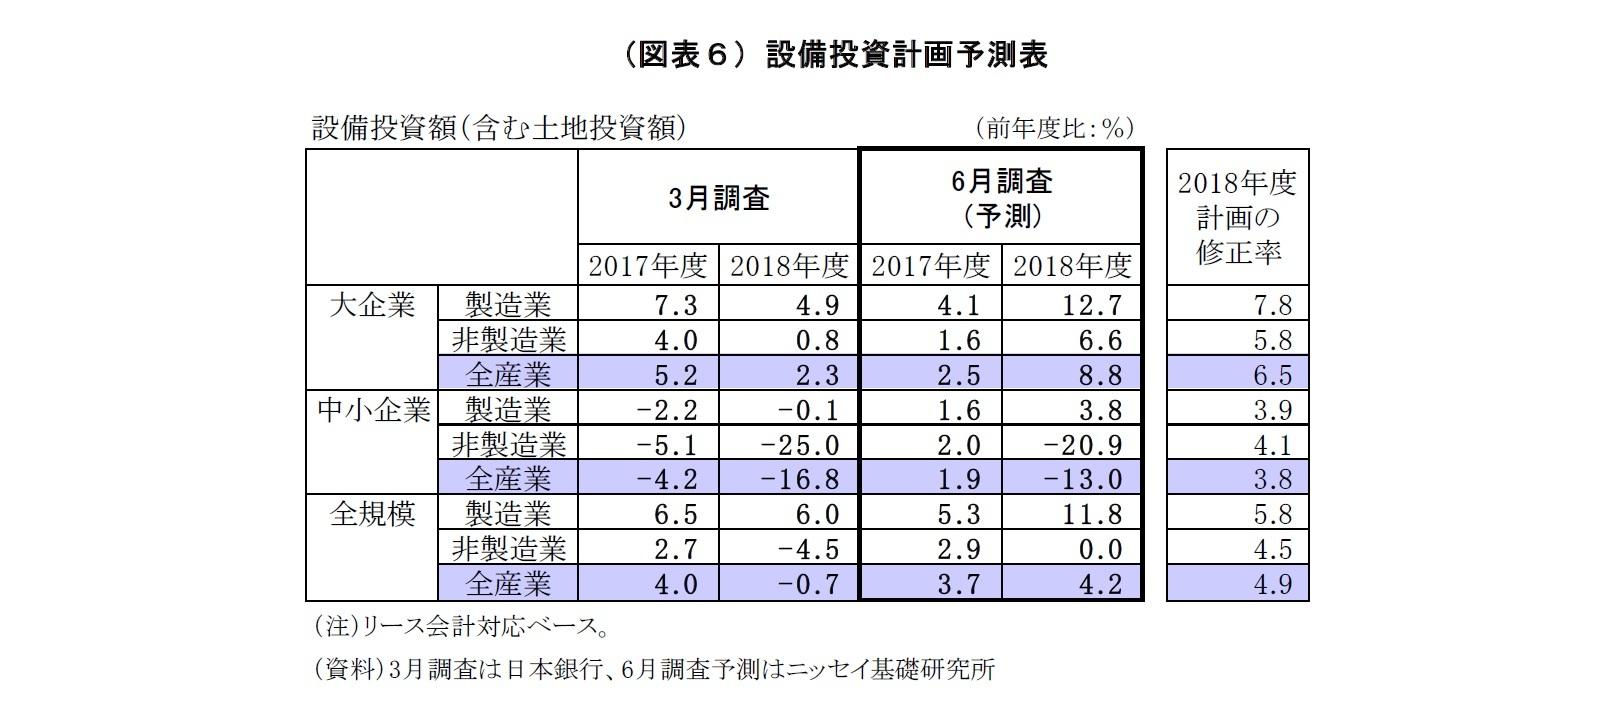 (図表6)設備投資計画予測表